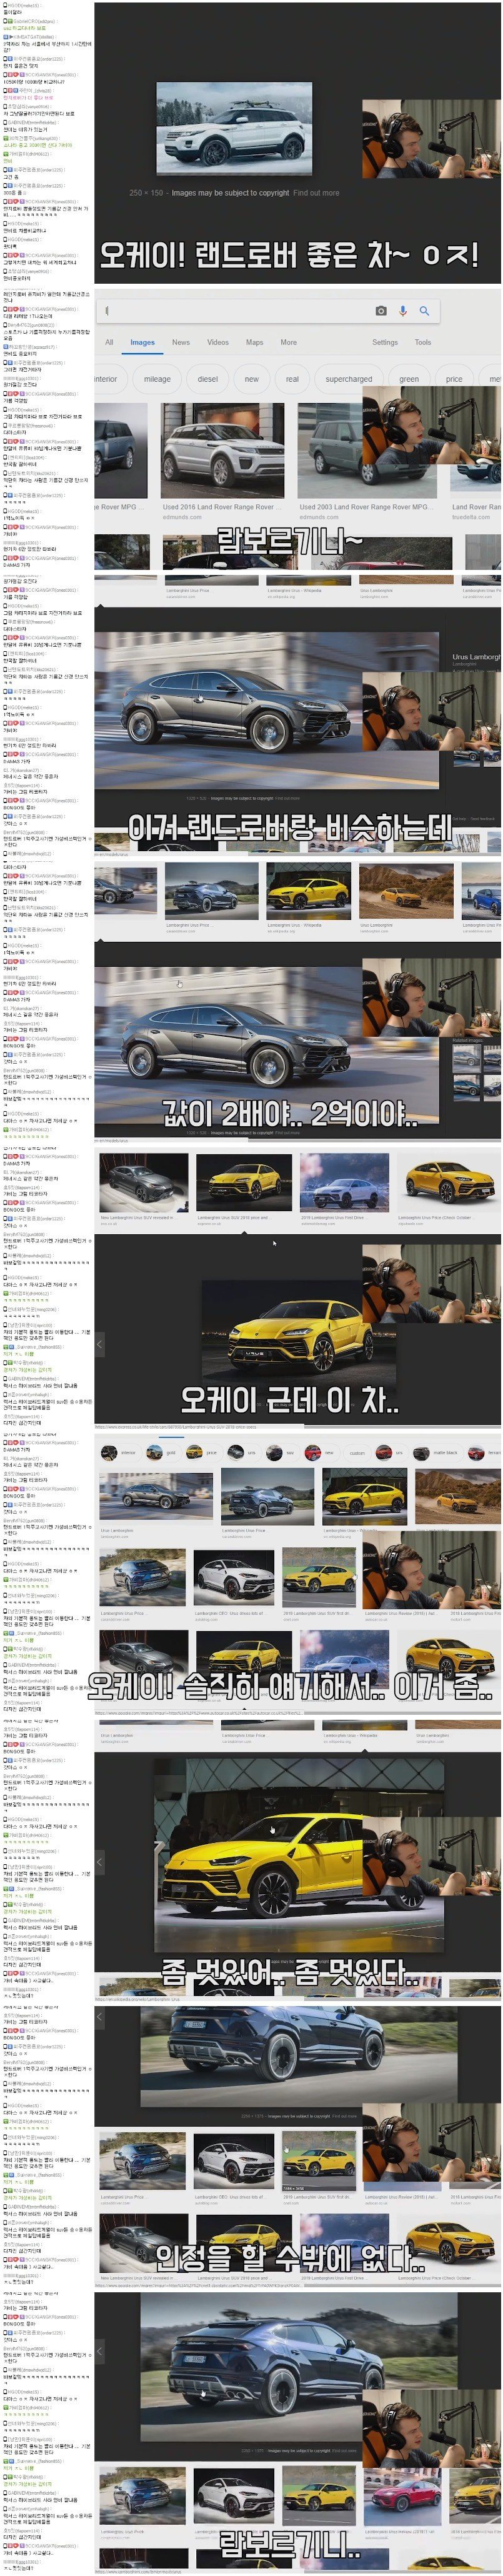 """t5.jpg """"한국 사람들은 왜 비싼 차를 사는거야?"""" (데이터주의)"""